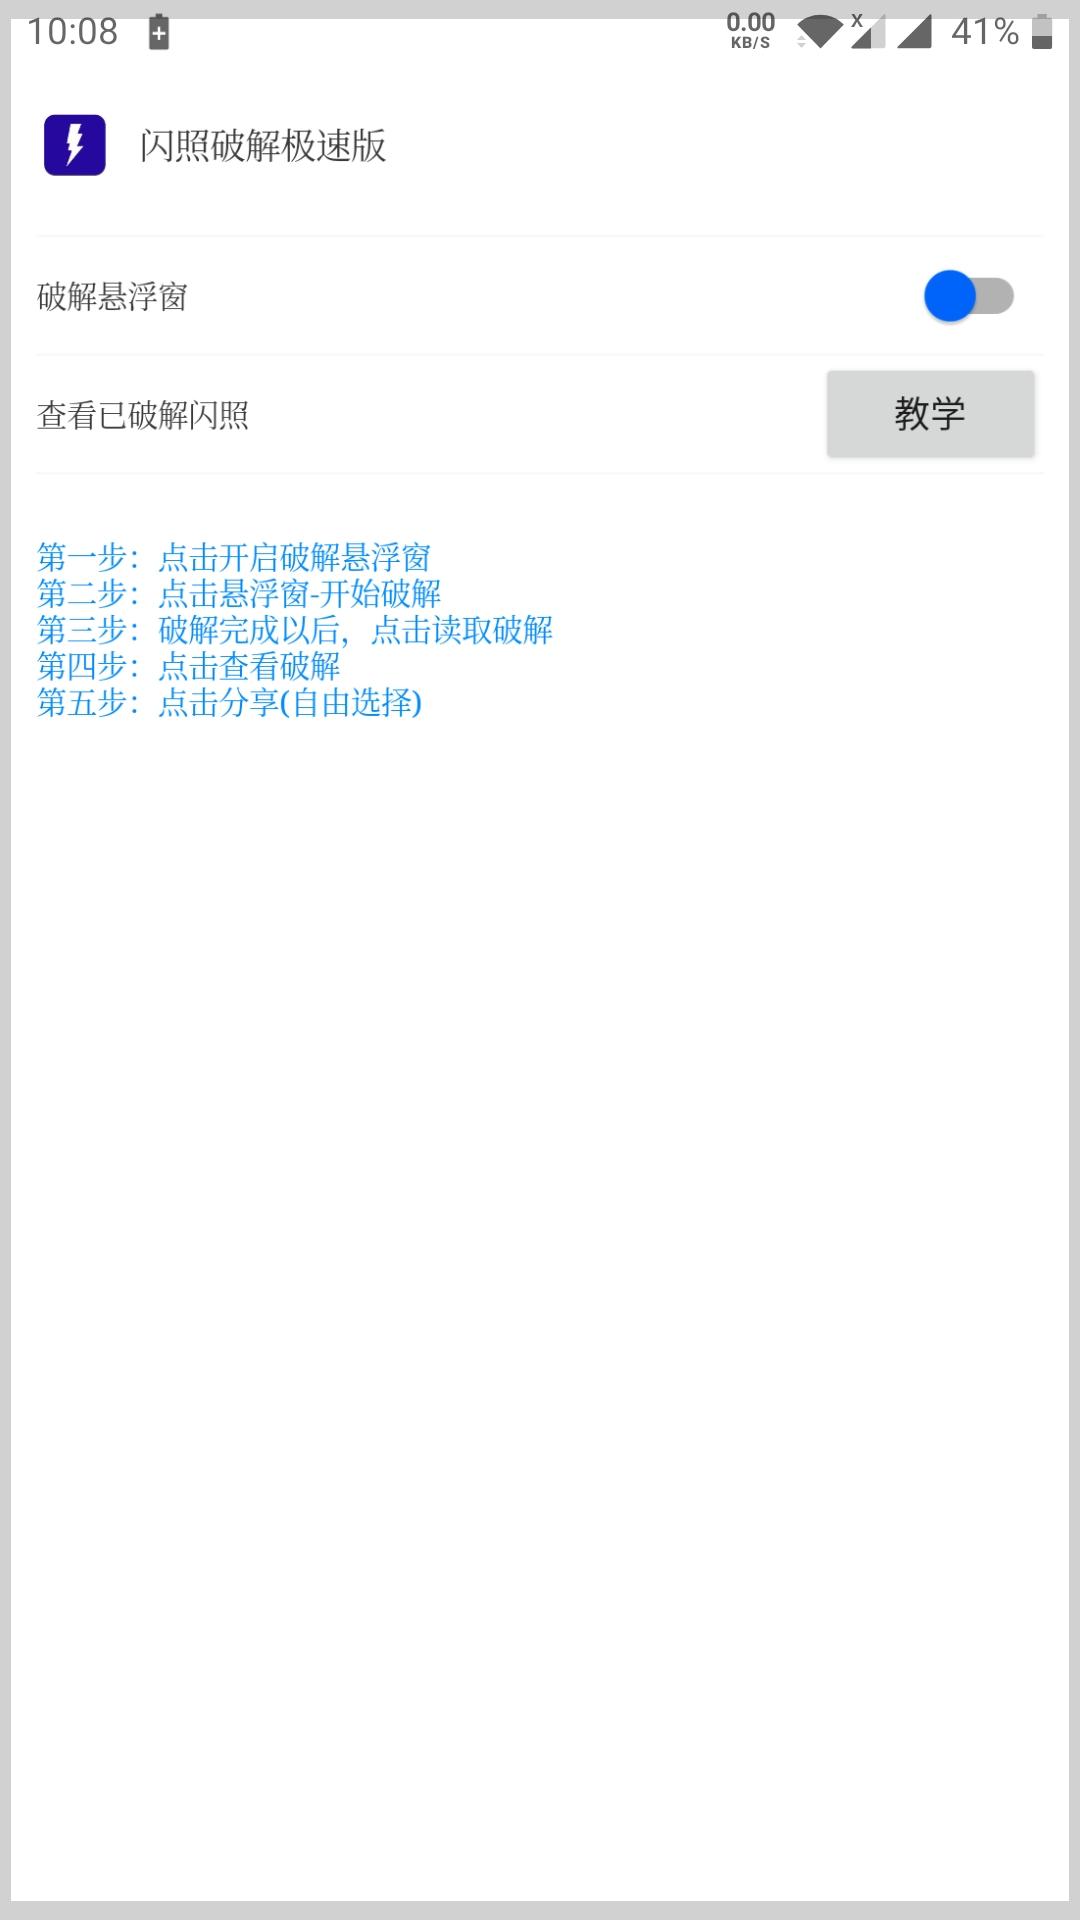 【原创首发】最新QQ闪照破解极速版版本5.0